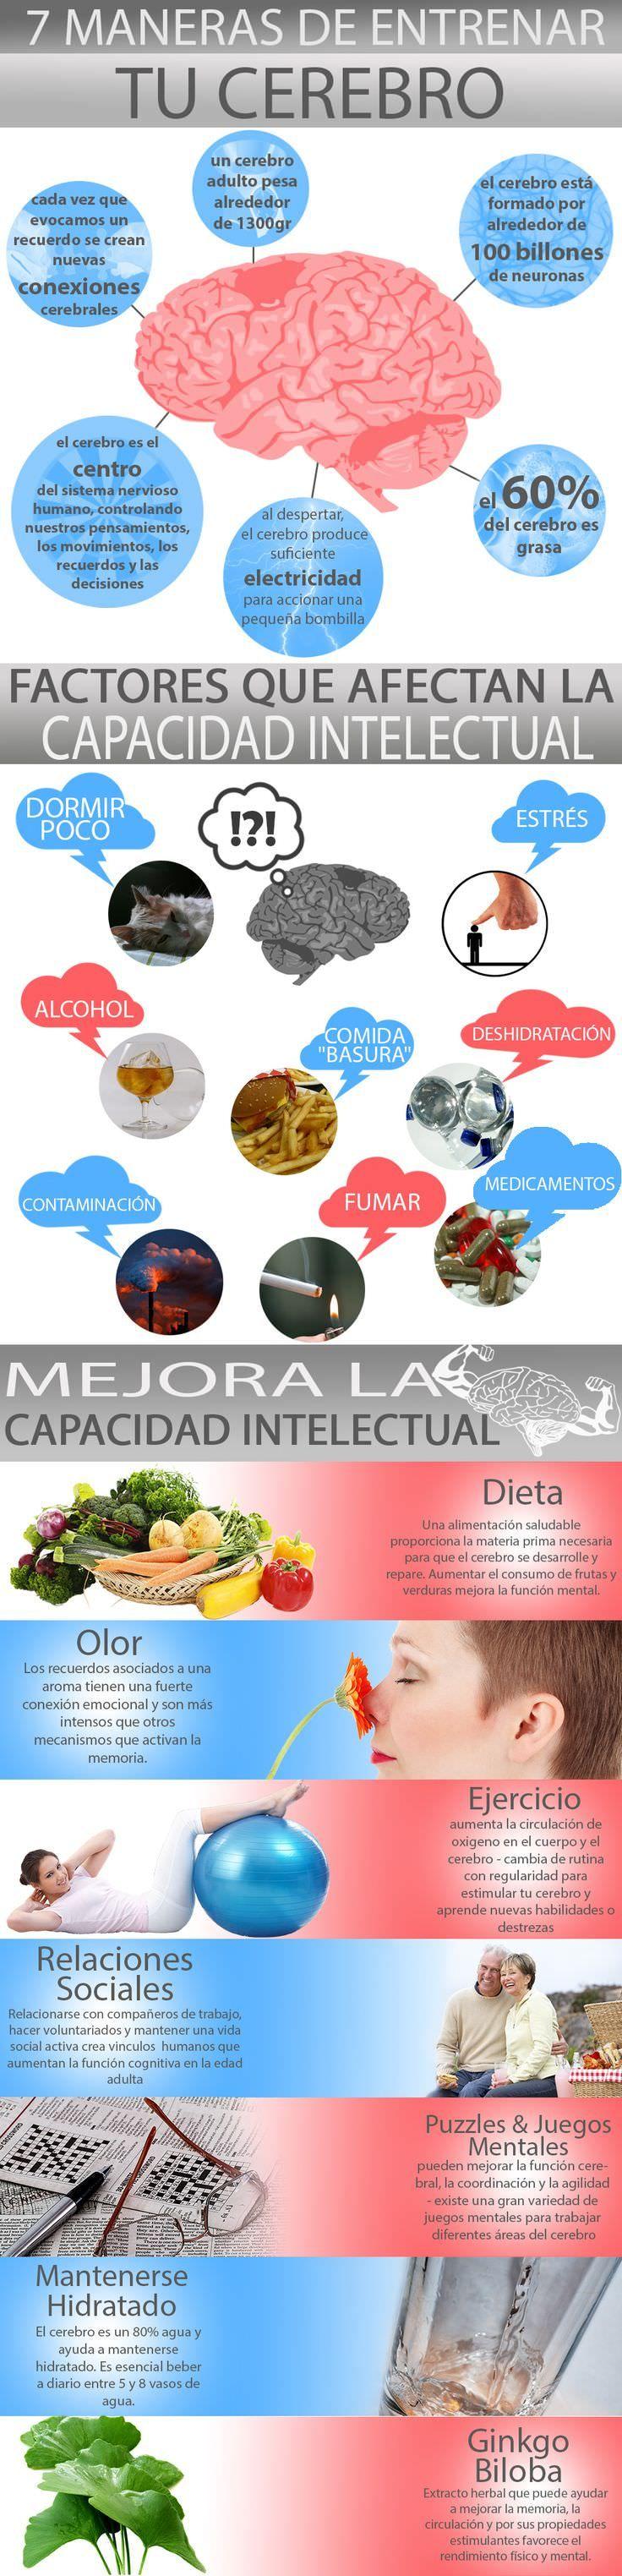 infografia-formas-de-entrenar-el-cerebro-inteligencia.jpg (736×3047)